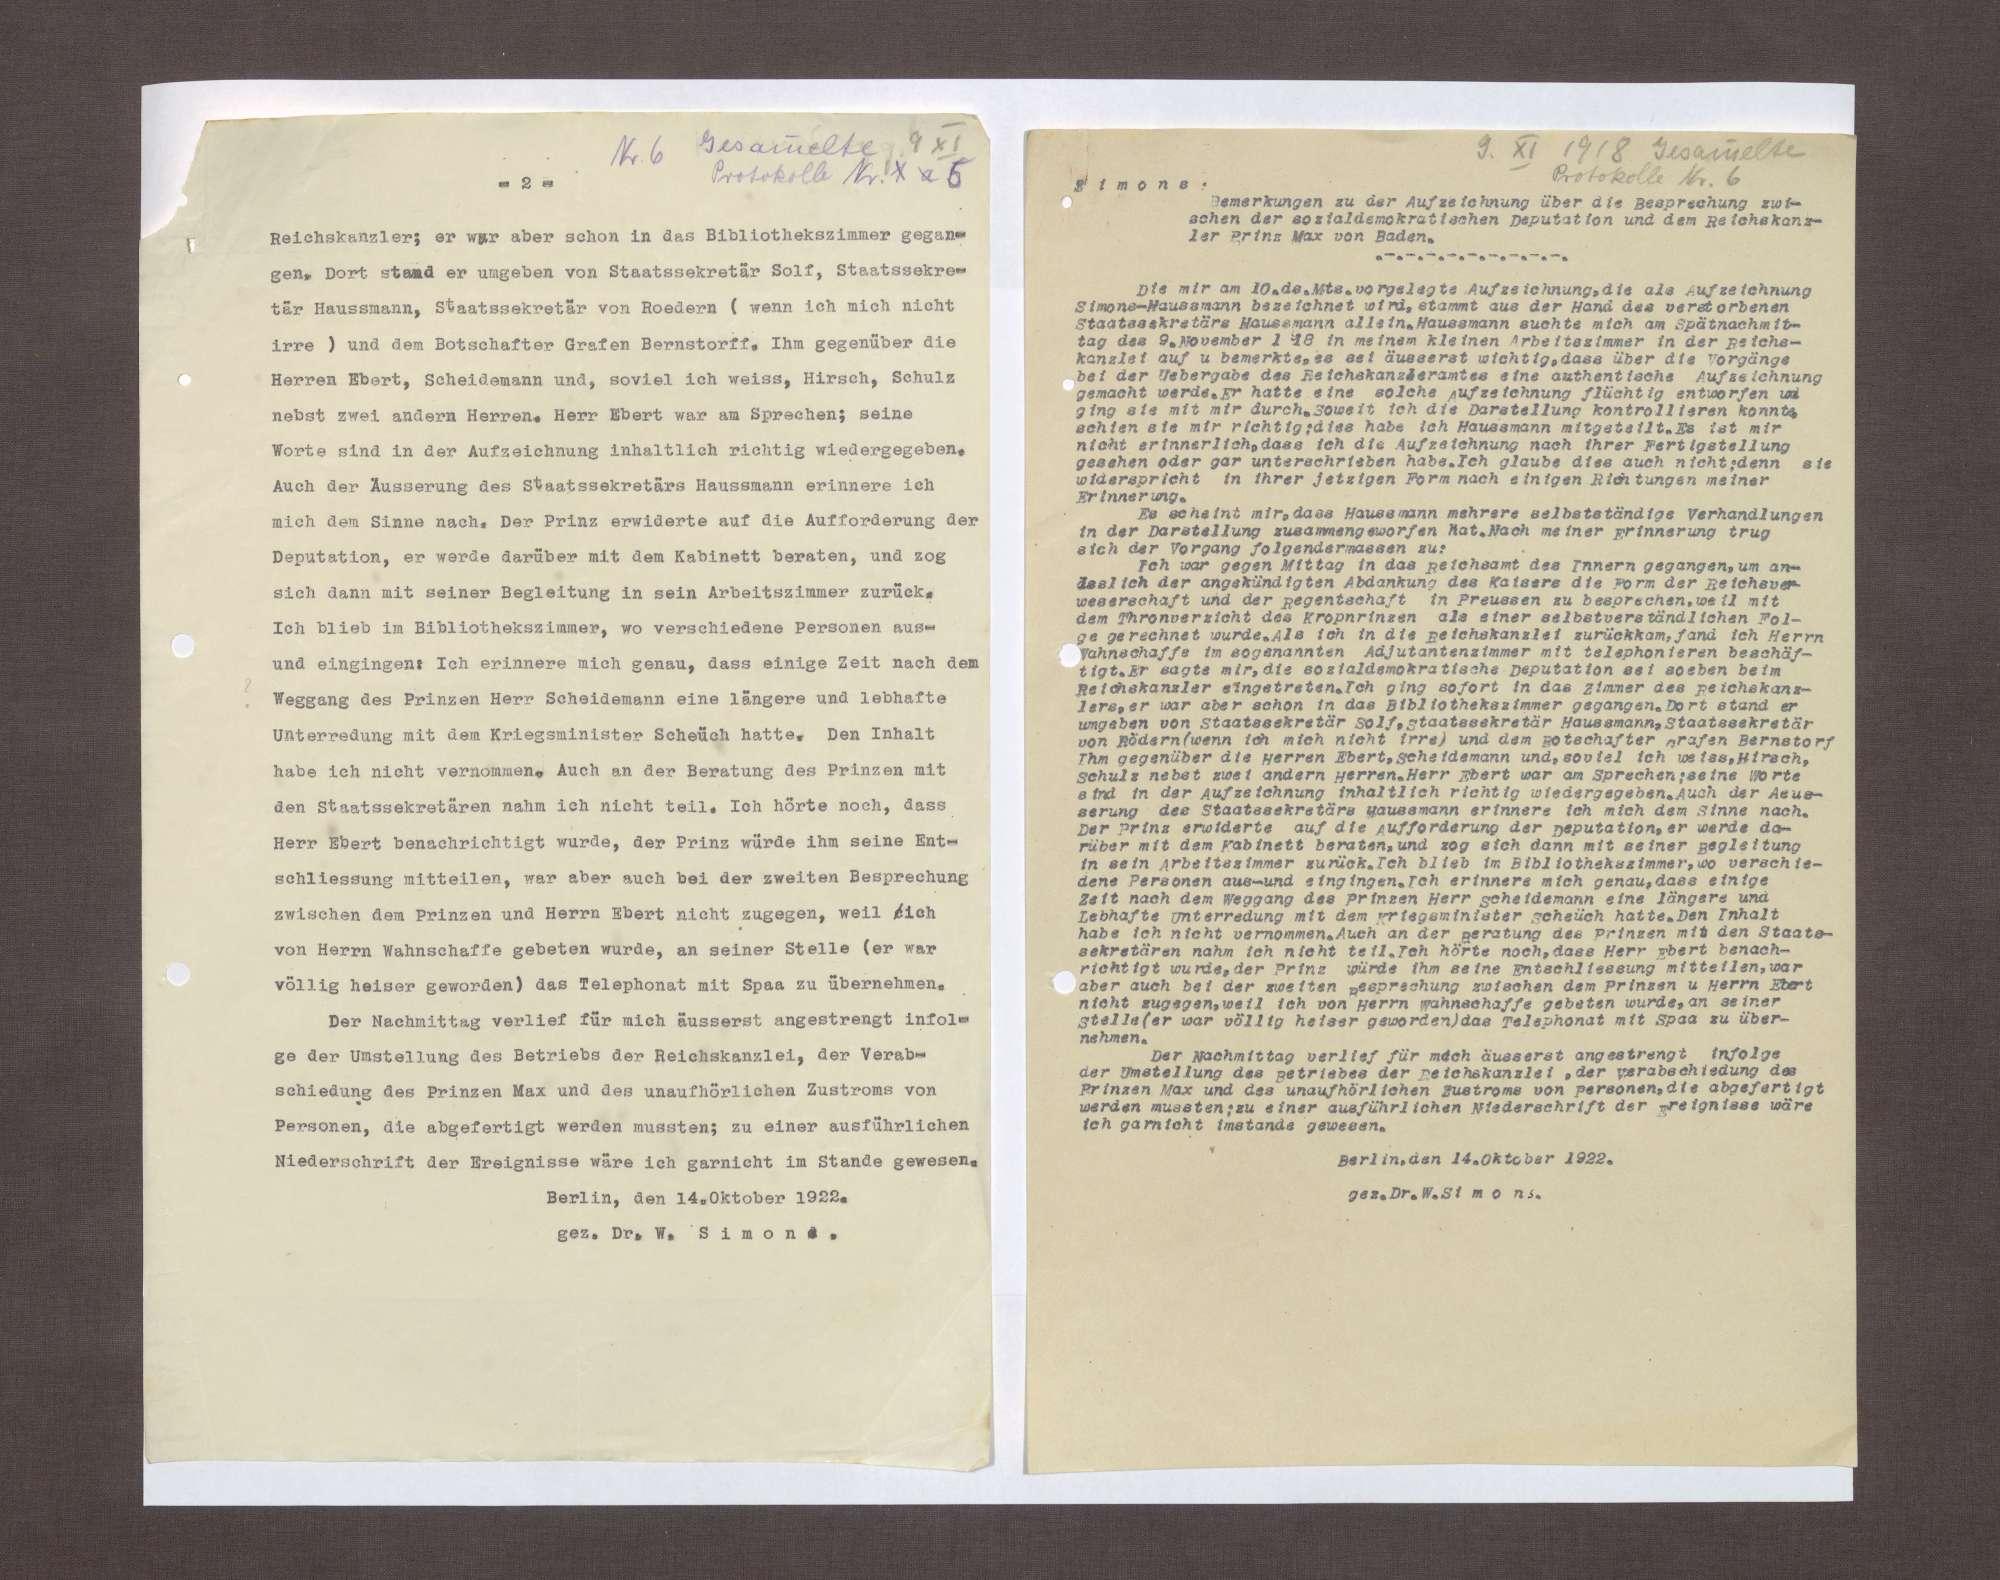 Schreiben von Walter Simons an Prinz Max von Baden bzgl. der Aufzeichnungen Haußmanns über die Ereignisse am 09.11.1918, Bild 3